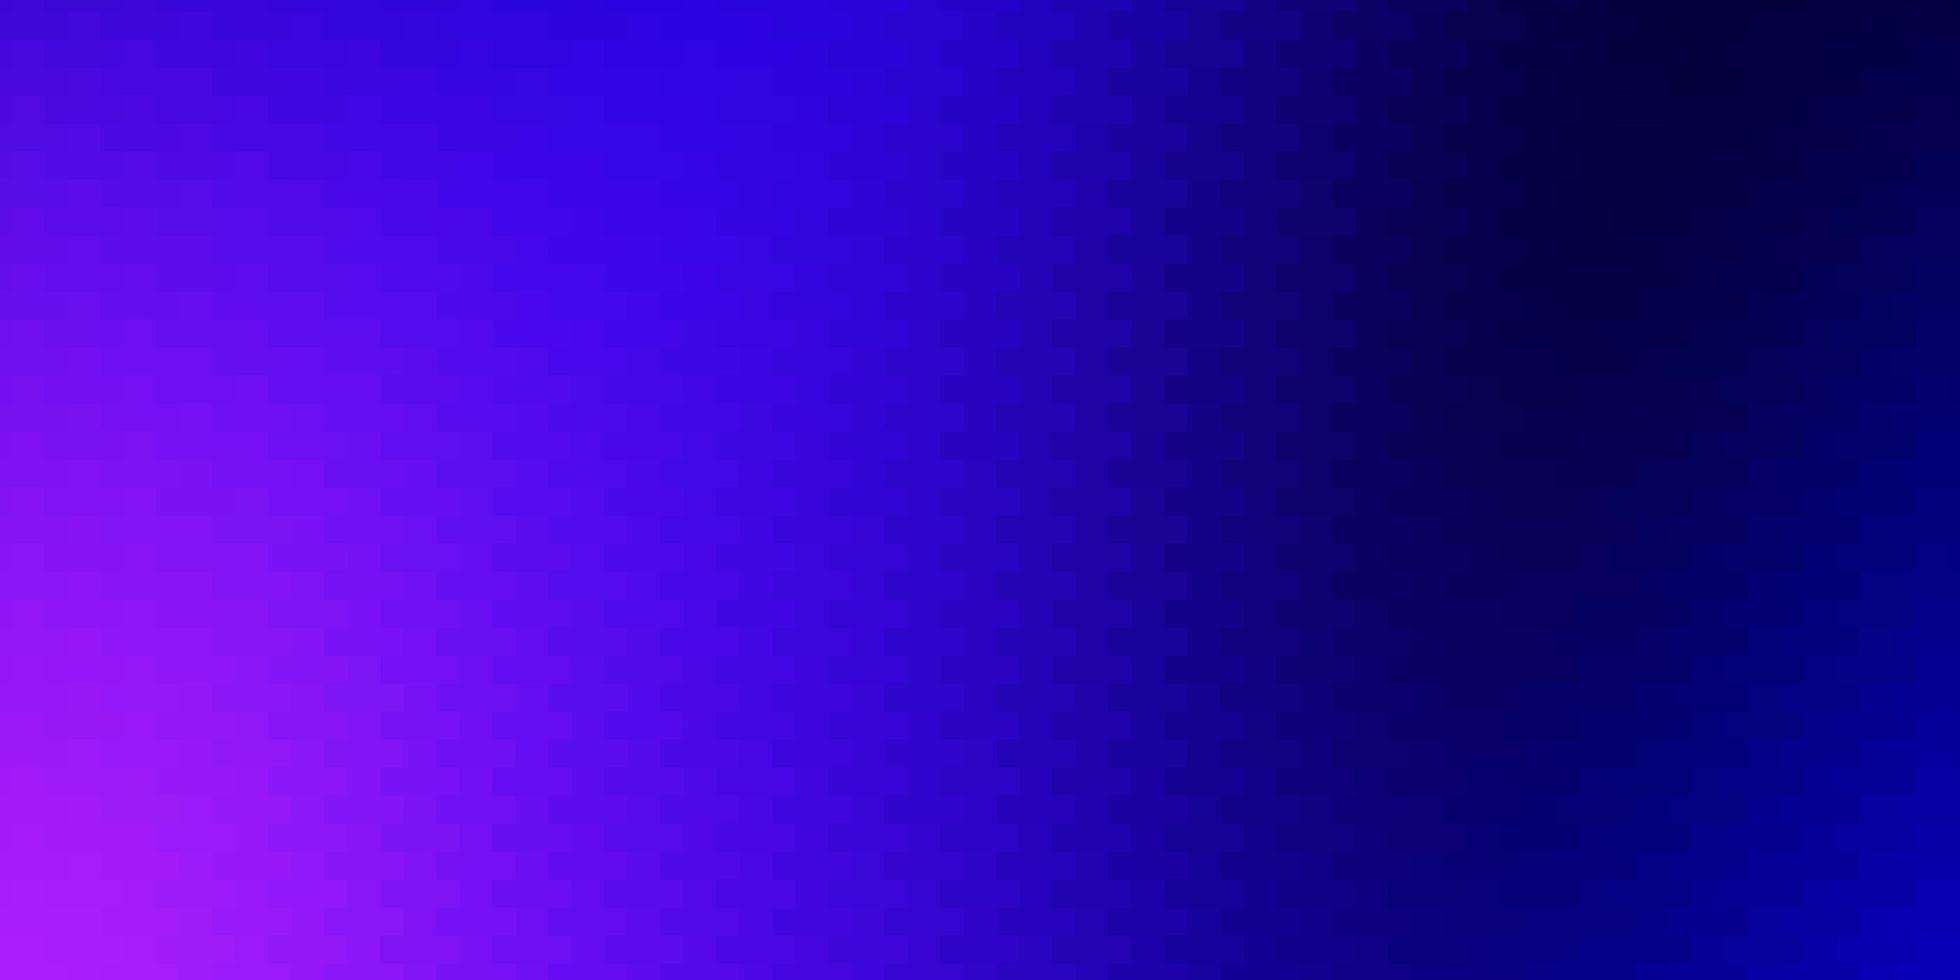 mörkrosa, blå vektorlayout med linjer, rektanglar. vektor